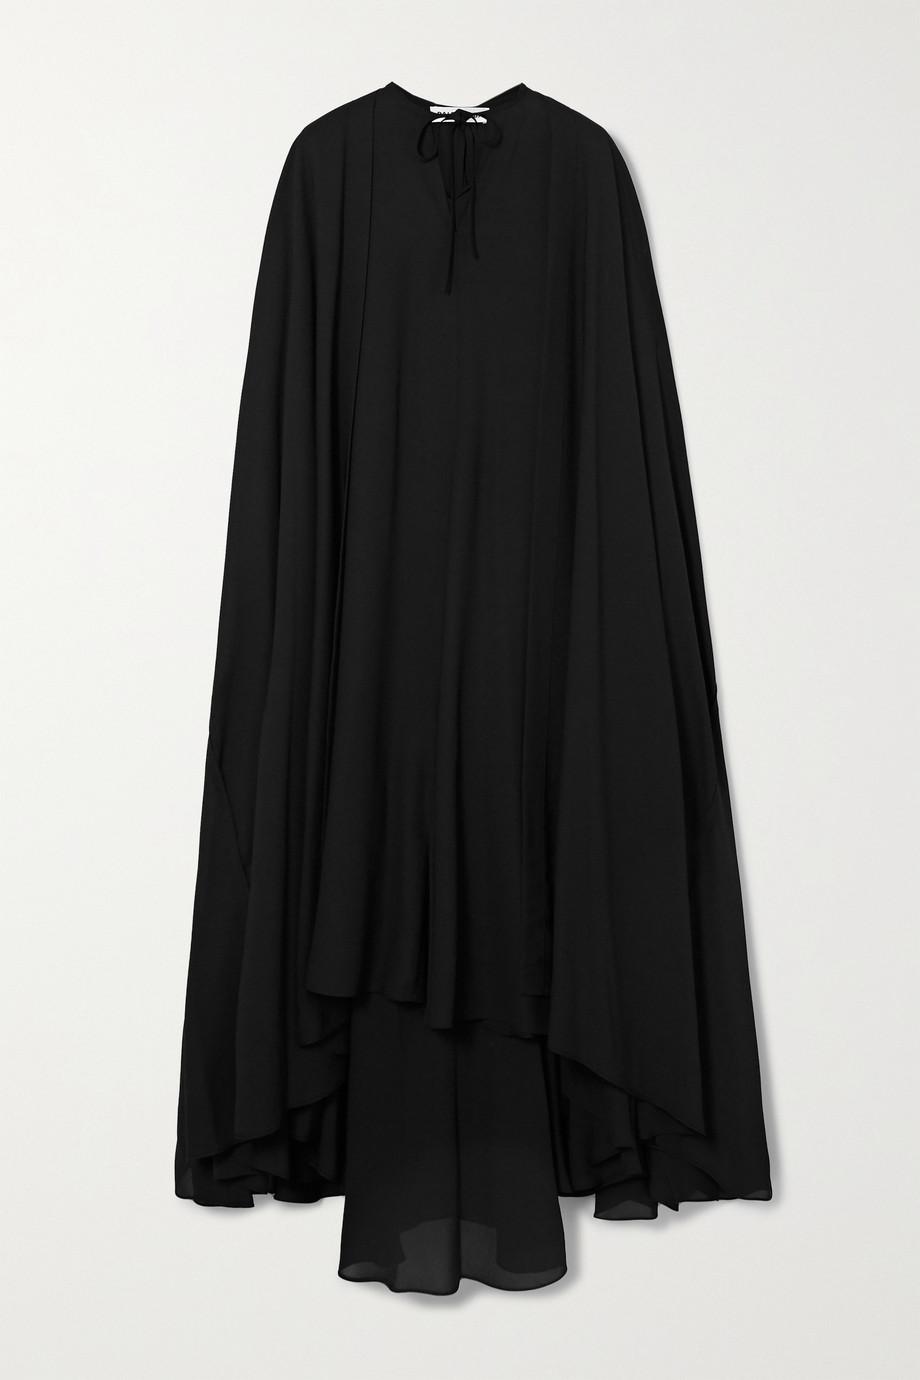 Balenciaga Asymmetrische Robe aus Chiffon mit Cape-Effekt